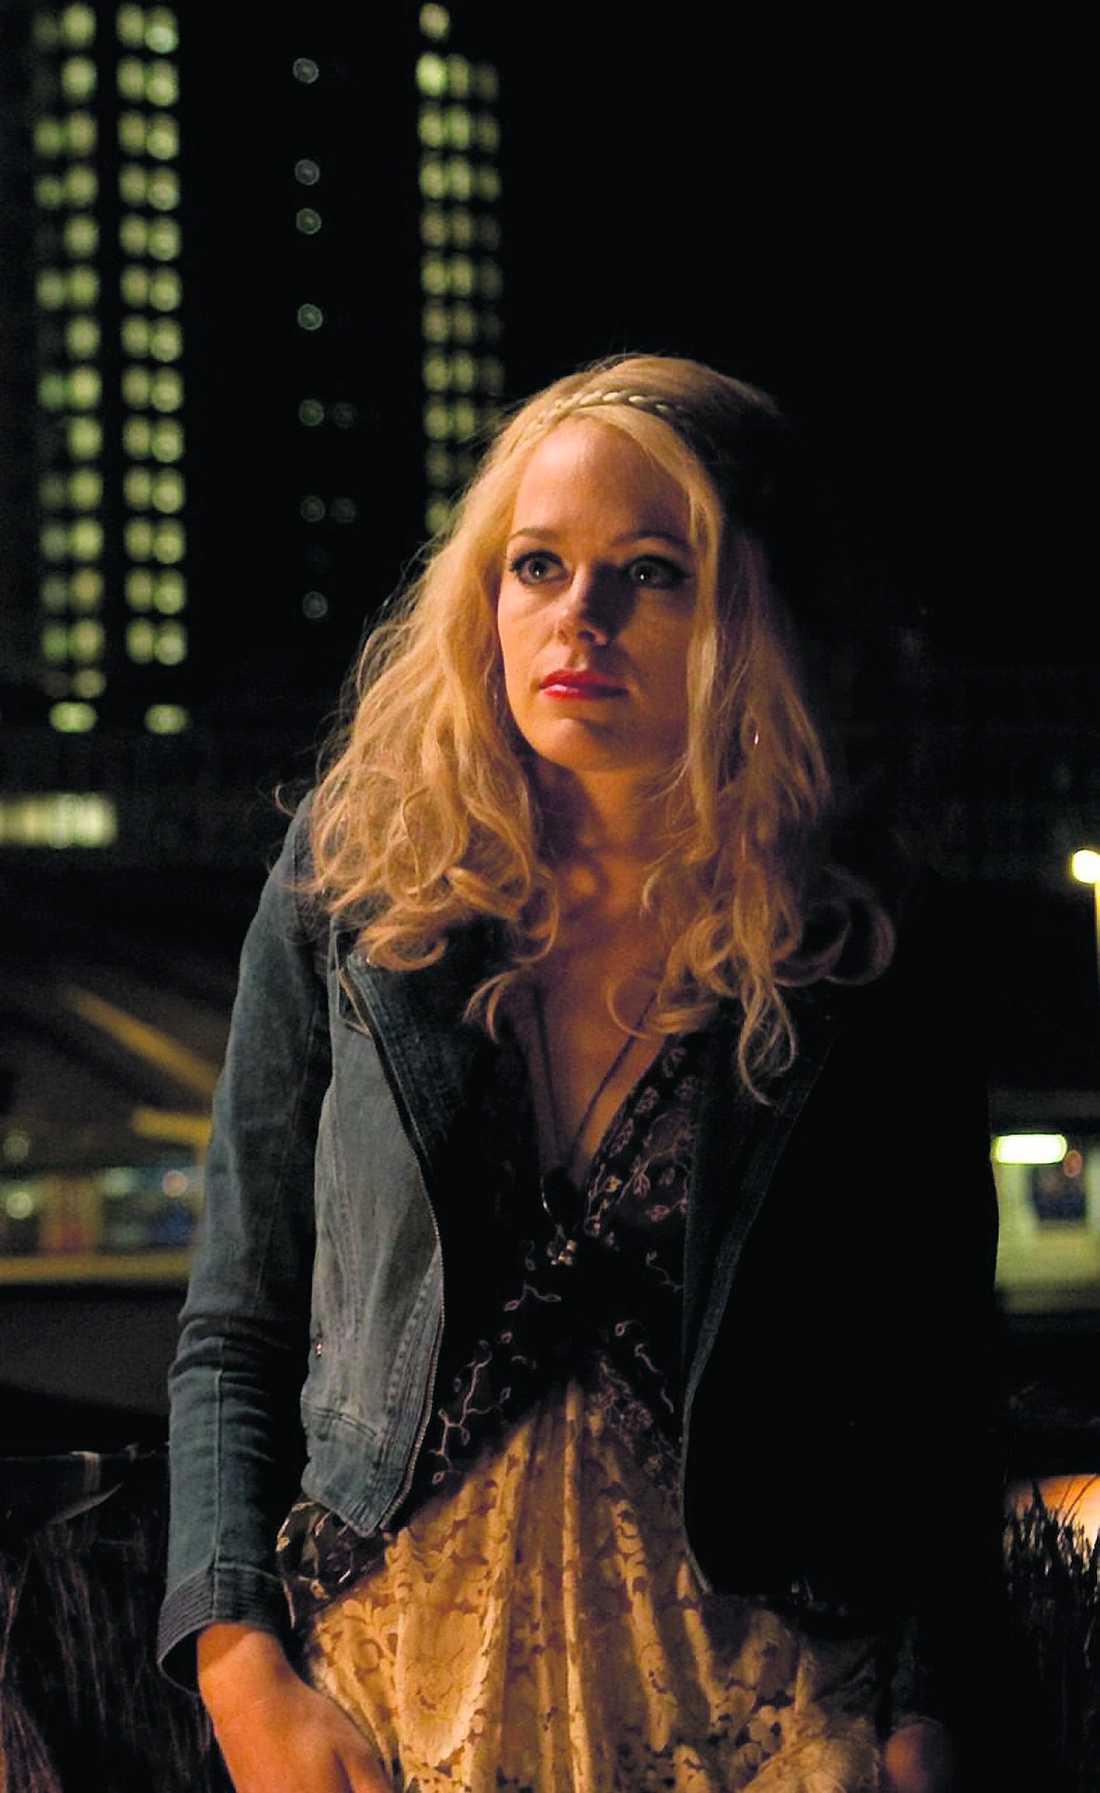 """Första bilden Svenska Katia Winter spelar huvudrollen i """"Everywhere & Nowhere"""". """"Jag har fått jobba på språket för att inte typecastas som polsk spion eller alla ryska roller"""", säger hon."""